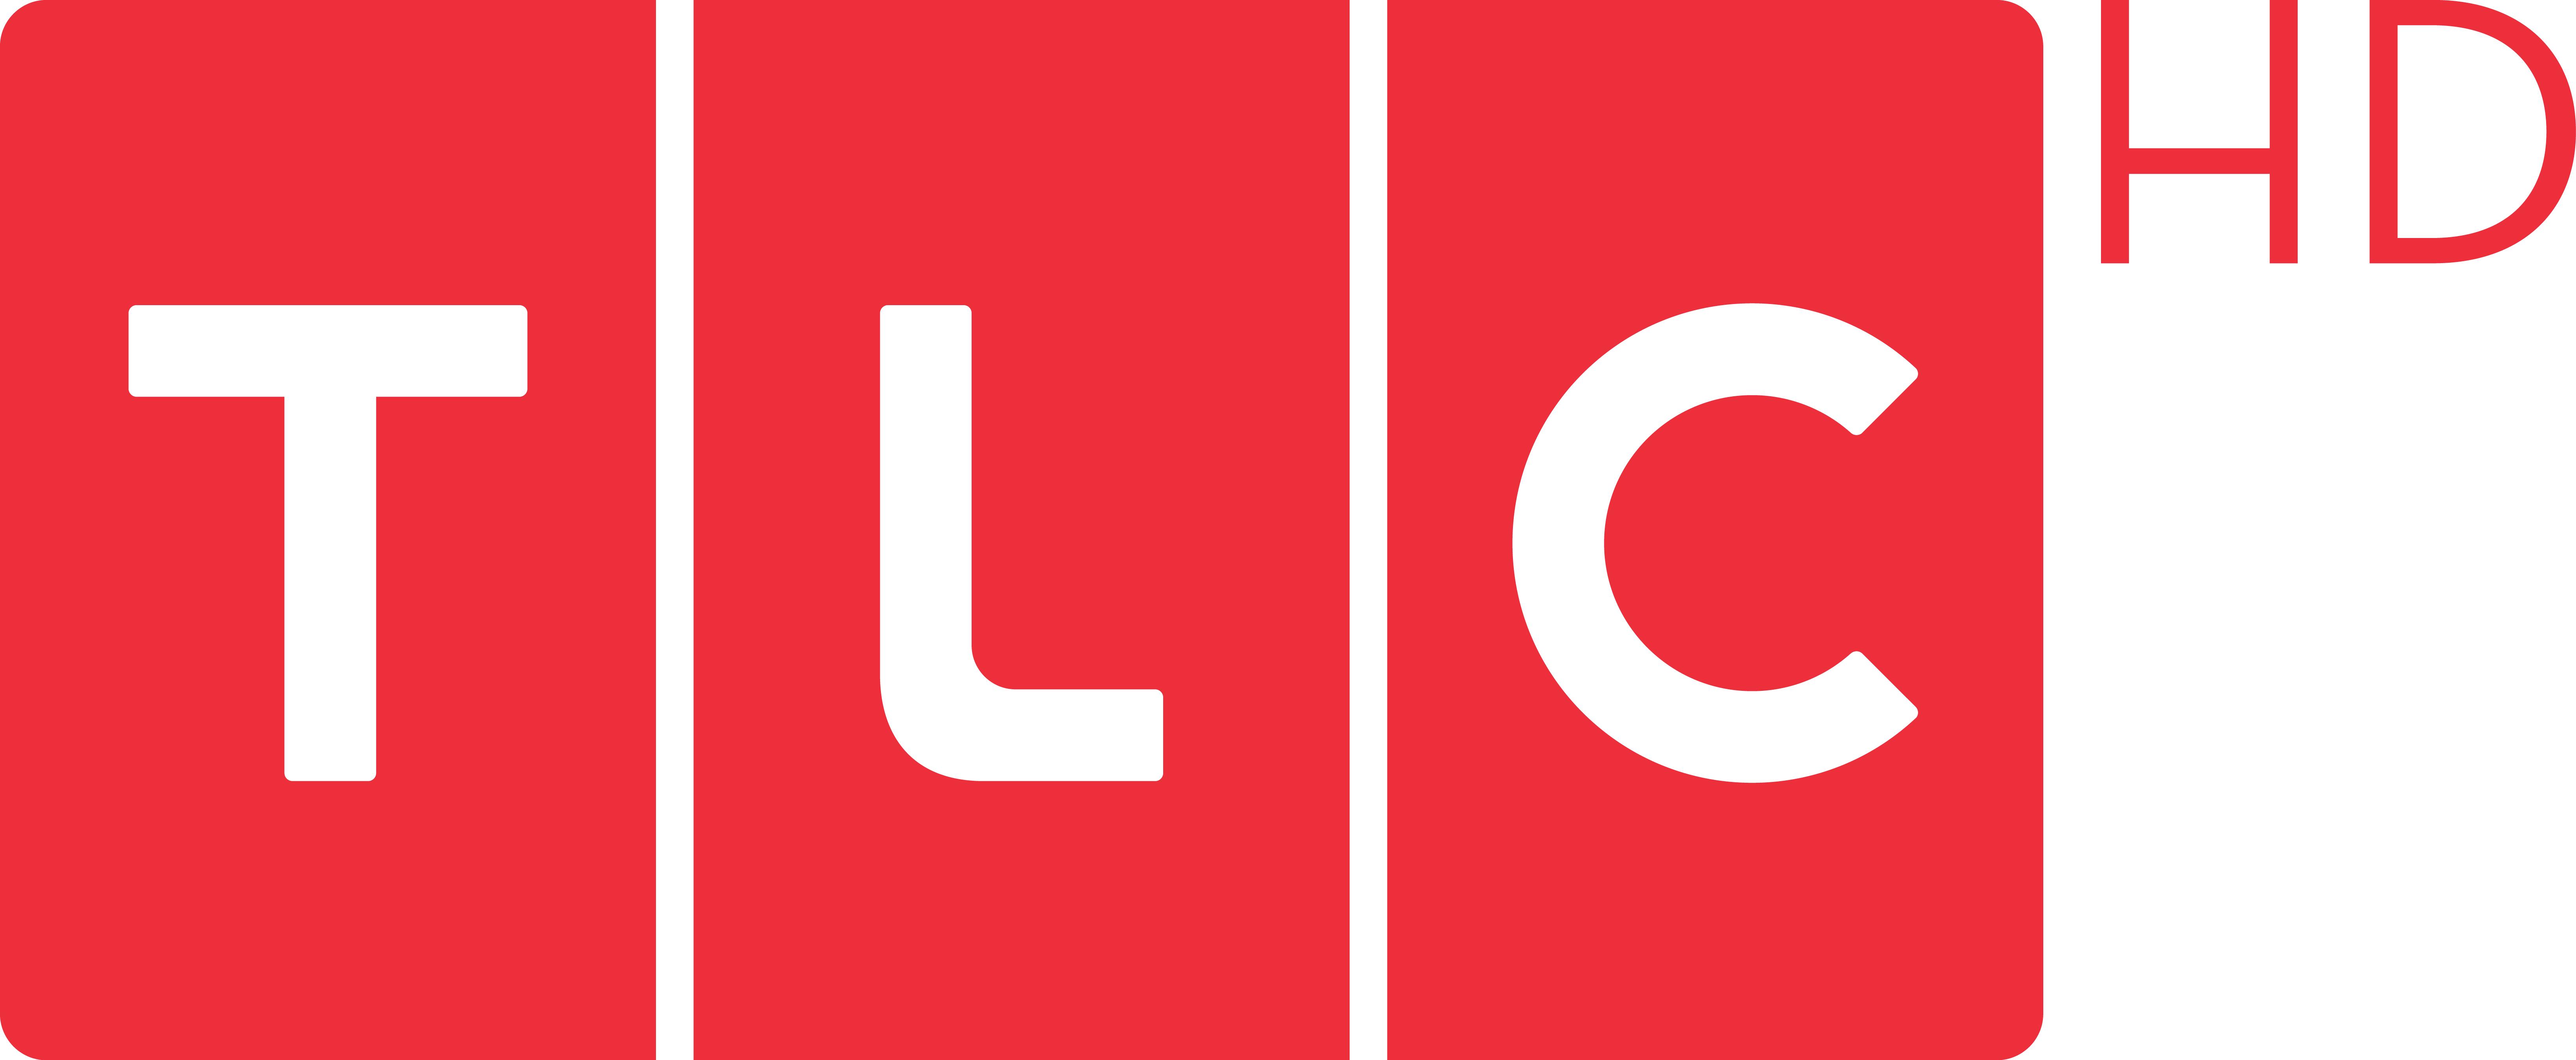 TLC HD im Kabelfernsehen